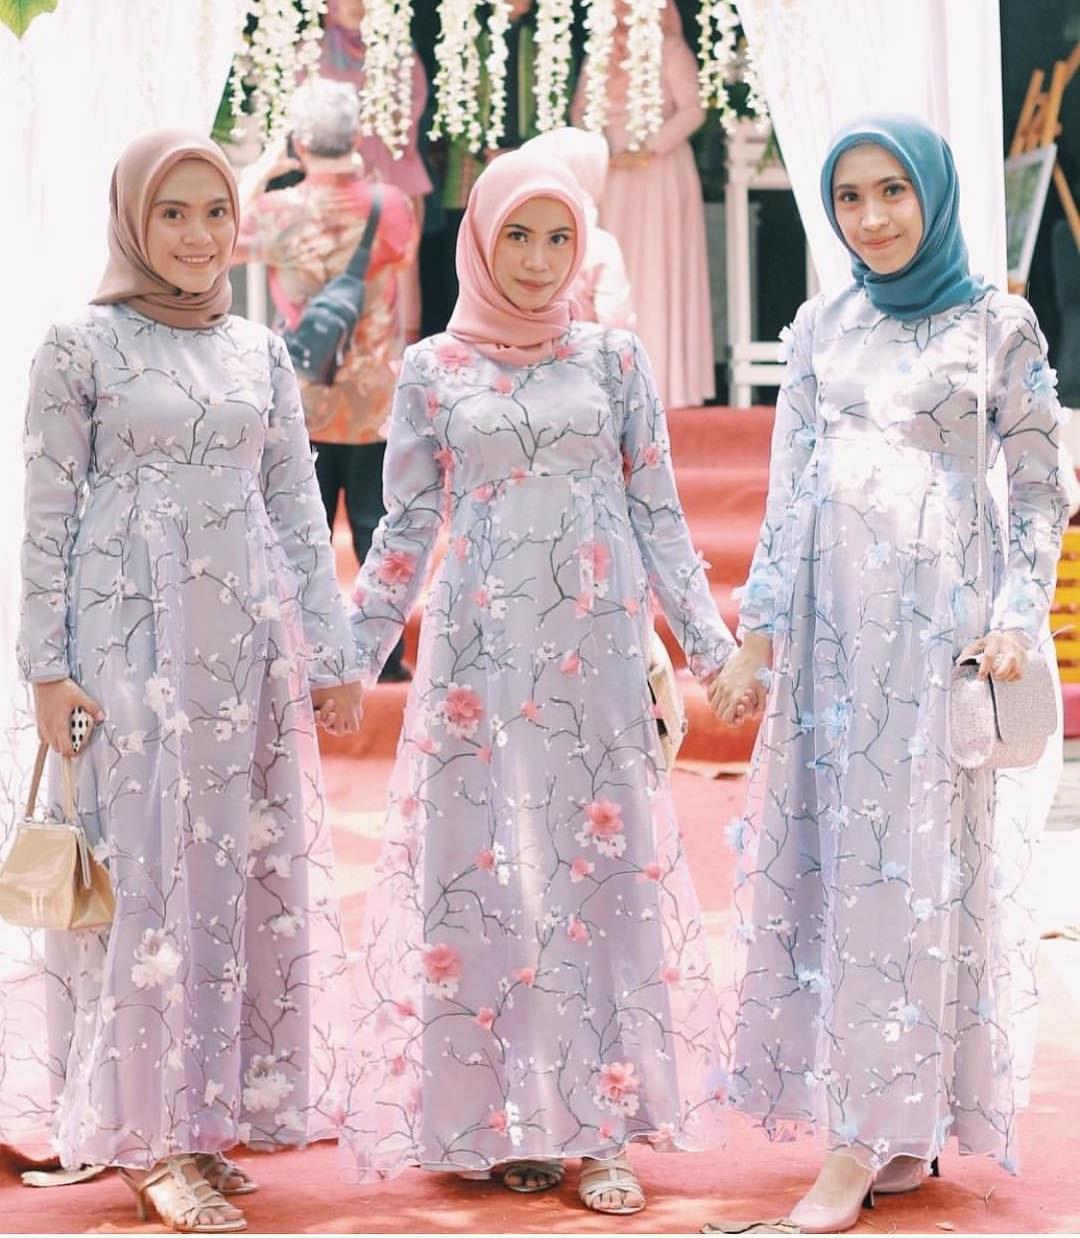 Design Baju Gamis Untuk Pesta Pernikahan Whdr Baju Gamis Kebaya 2019 Baju Kebaya Bagus